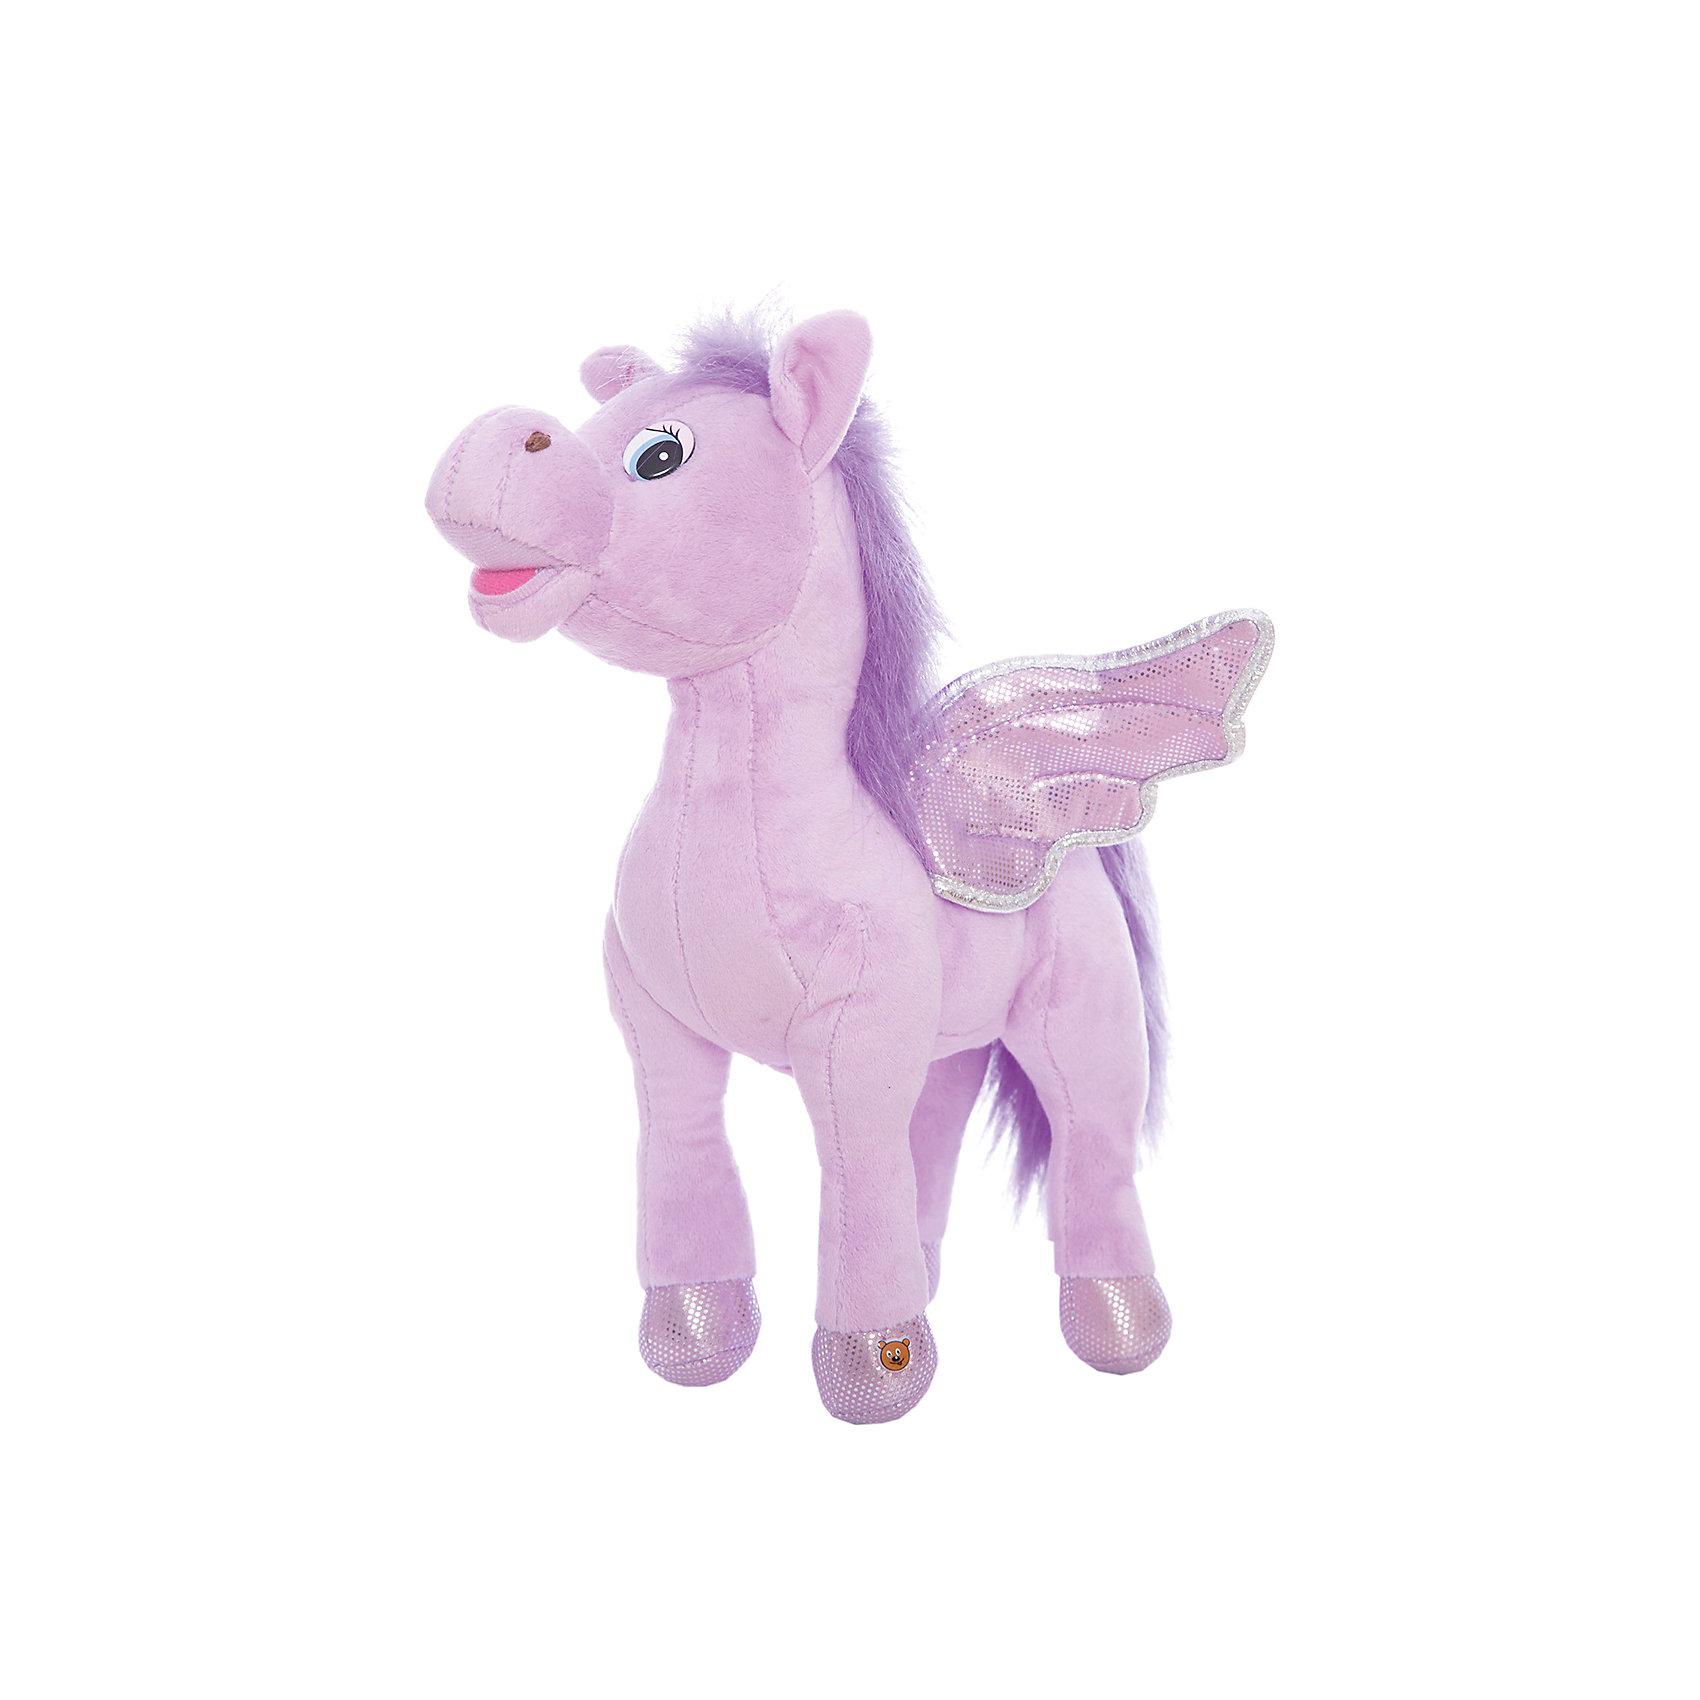 Мягкая игрушка Пони с крыльями, фиолетовая, МУЛЬТИ-ПУЛЬТИЗвери и птицы<br>Очаровательная мягкая лошадка с крылышками обязательно понравится девочке! Пони расскажет своей хозяйке веселые стихи, споет песенку или просто поговорит. Игрушка выполнена из высококачественных материалов, плотно набита, очень приятна на ощупь. <br><br>Дополнительная информация: <br><br>- Материал: пластик, текстиль, синтепон.<br>- Размер: 25 см.<br>- 3 фразы, 4 стишка, 2 песенки.<br>- Элемент питания: батарейки (в комплекте).<br><br>Мягкую игрушку Пони с крыльями, МУЛЬТИ-ПУЛЬТИ можно купить в нашем магазине.<br><br>Ширина мм: 300<br>Глубина мм: 260<br>Высота мм: 100<br>Вес г: 420<br>Возраст от месяцев: 36<br>Возраст до месяцев: 120<br>Пол: Женский<br>Возраст: Детский<br>SKU: 4850050